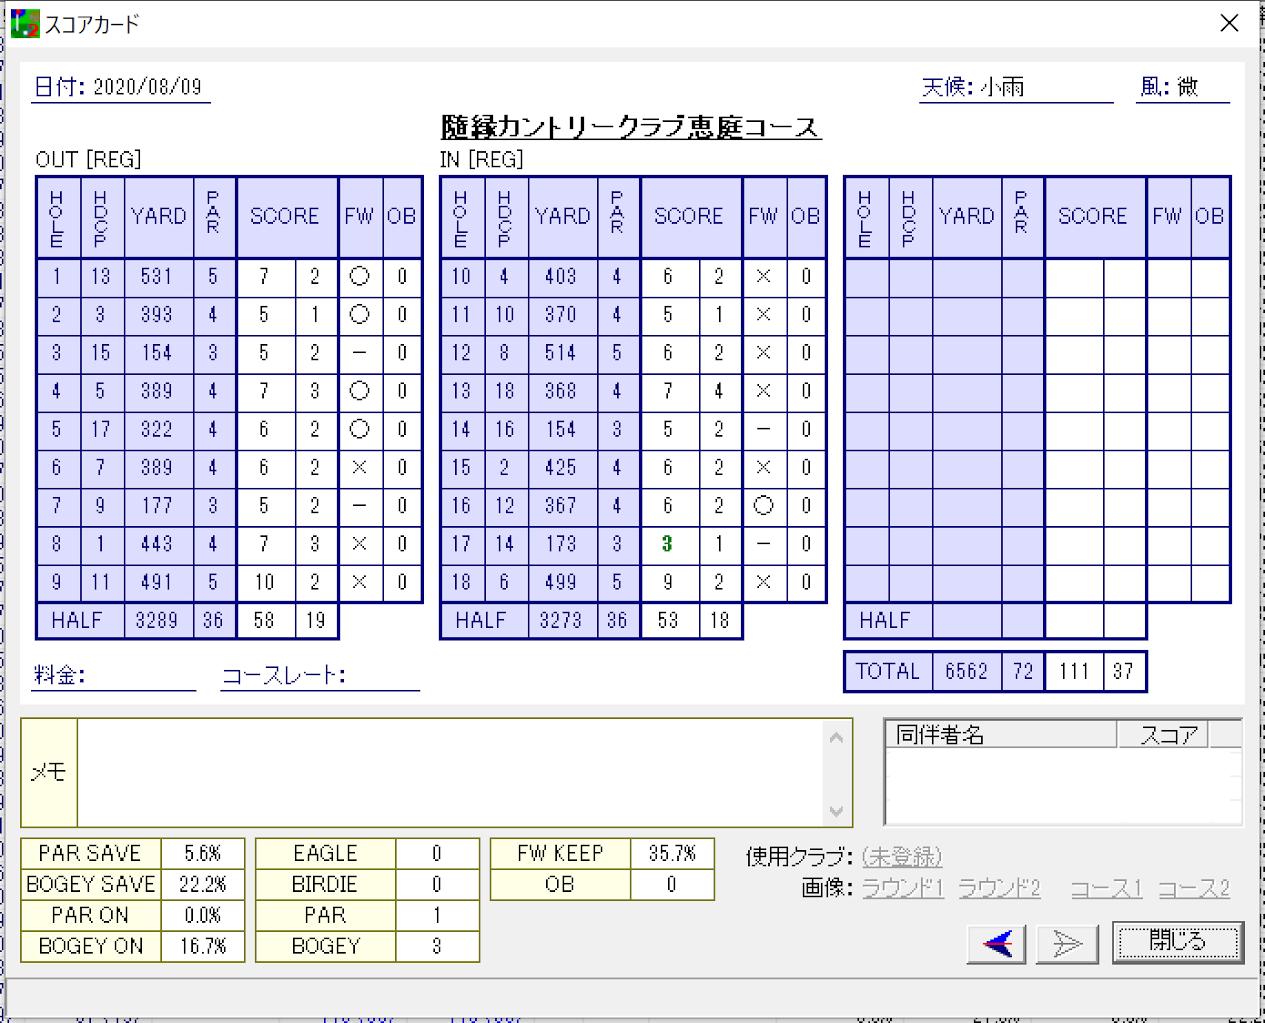 2020年夏ゴルフ大会 in北海道 第6戦 - 隨縁カントリークラブ恵庭コース